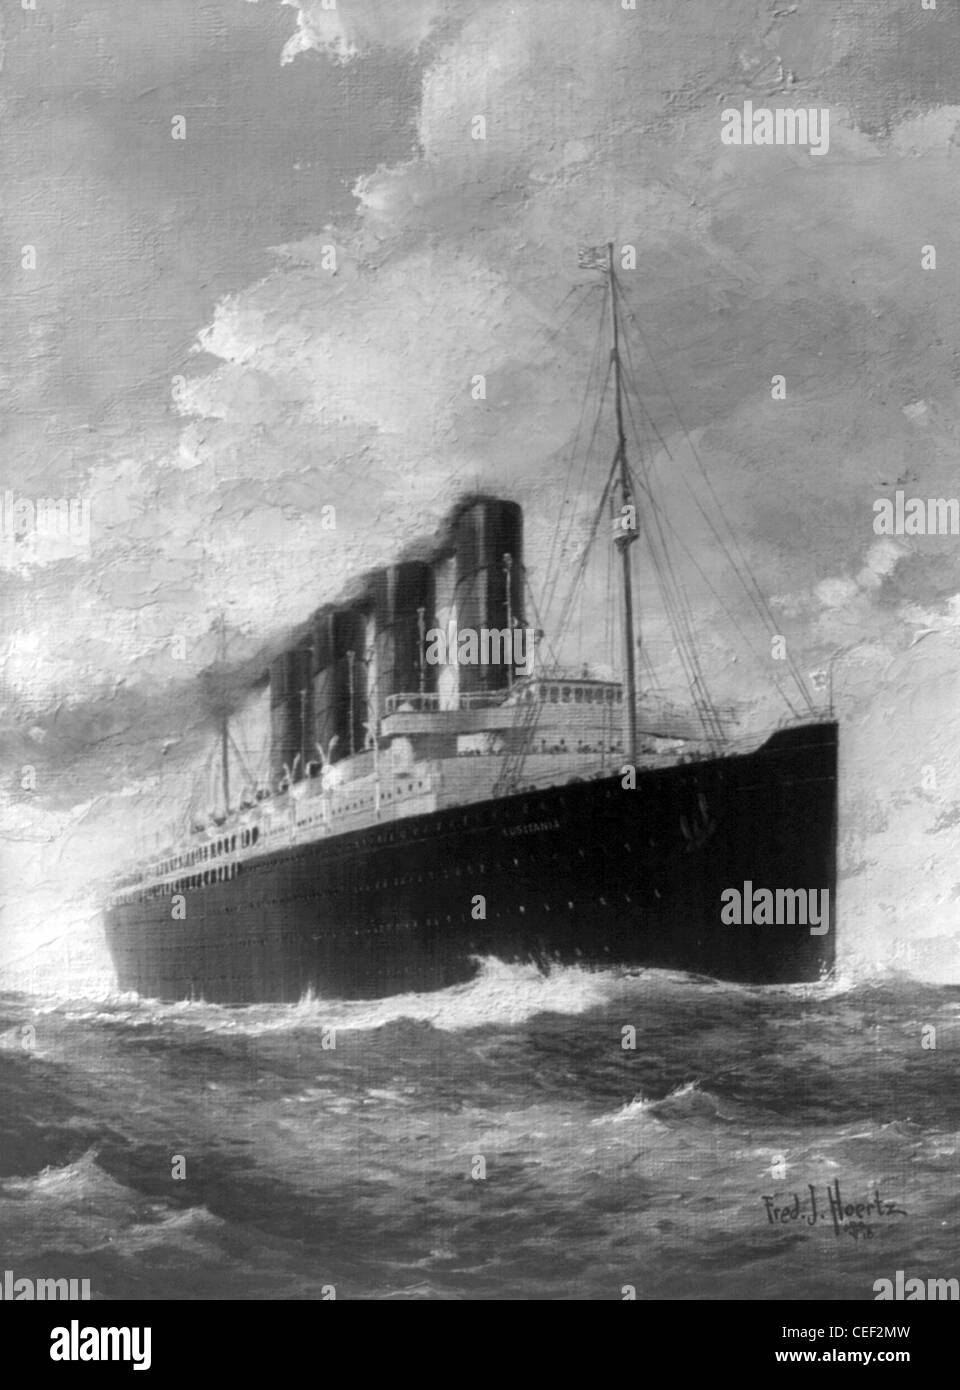 100 Rms Lusitania Wreck Photos 46 Titanic